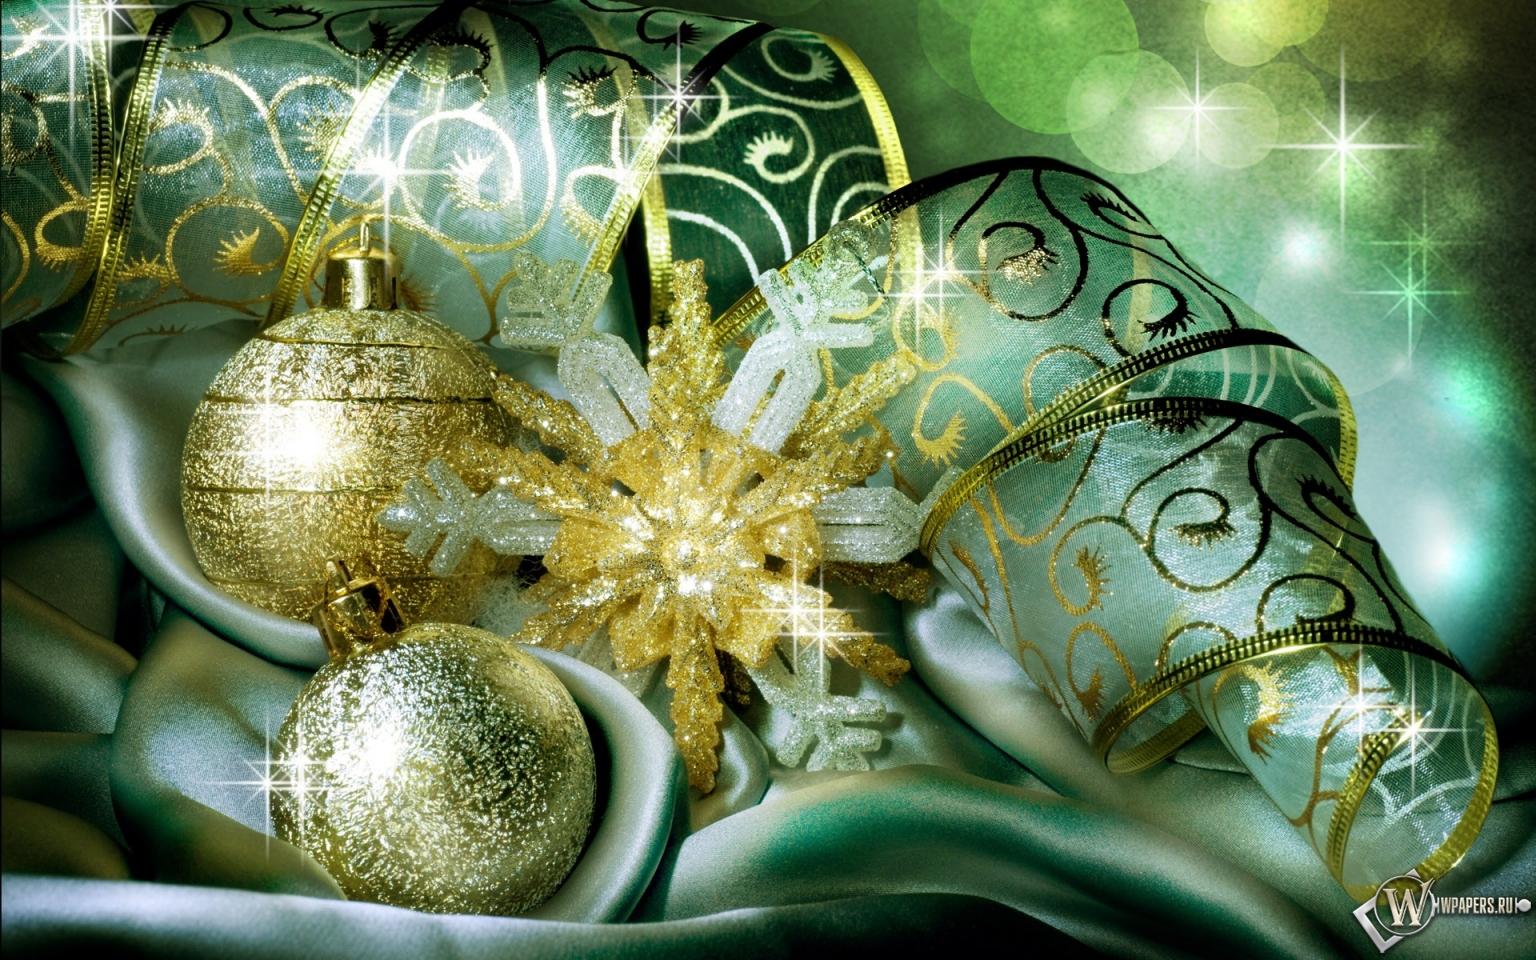 Новый год шарики 1536x960 картинки